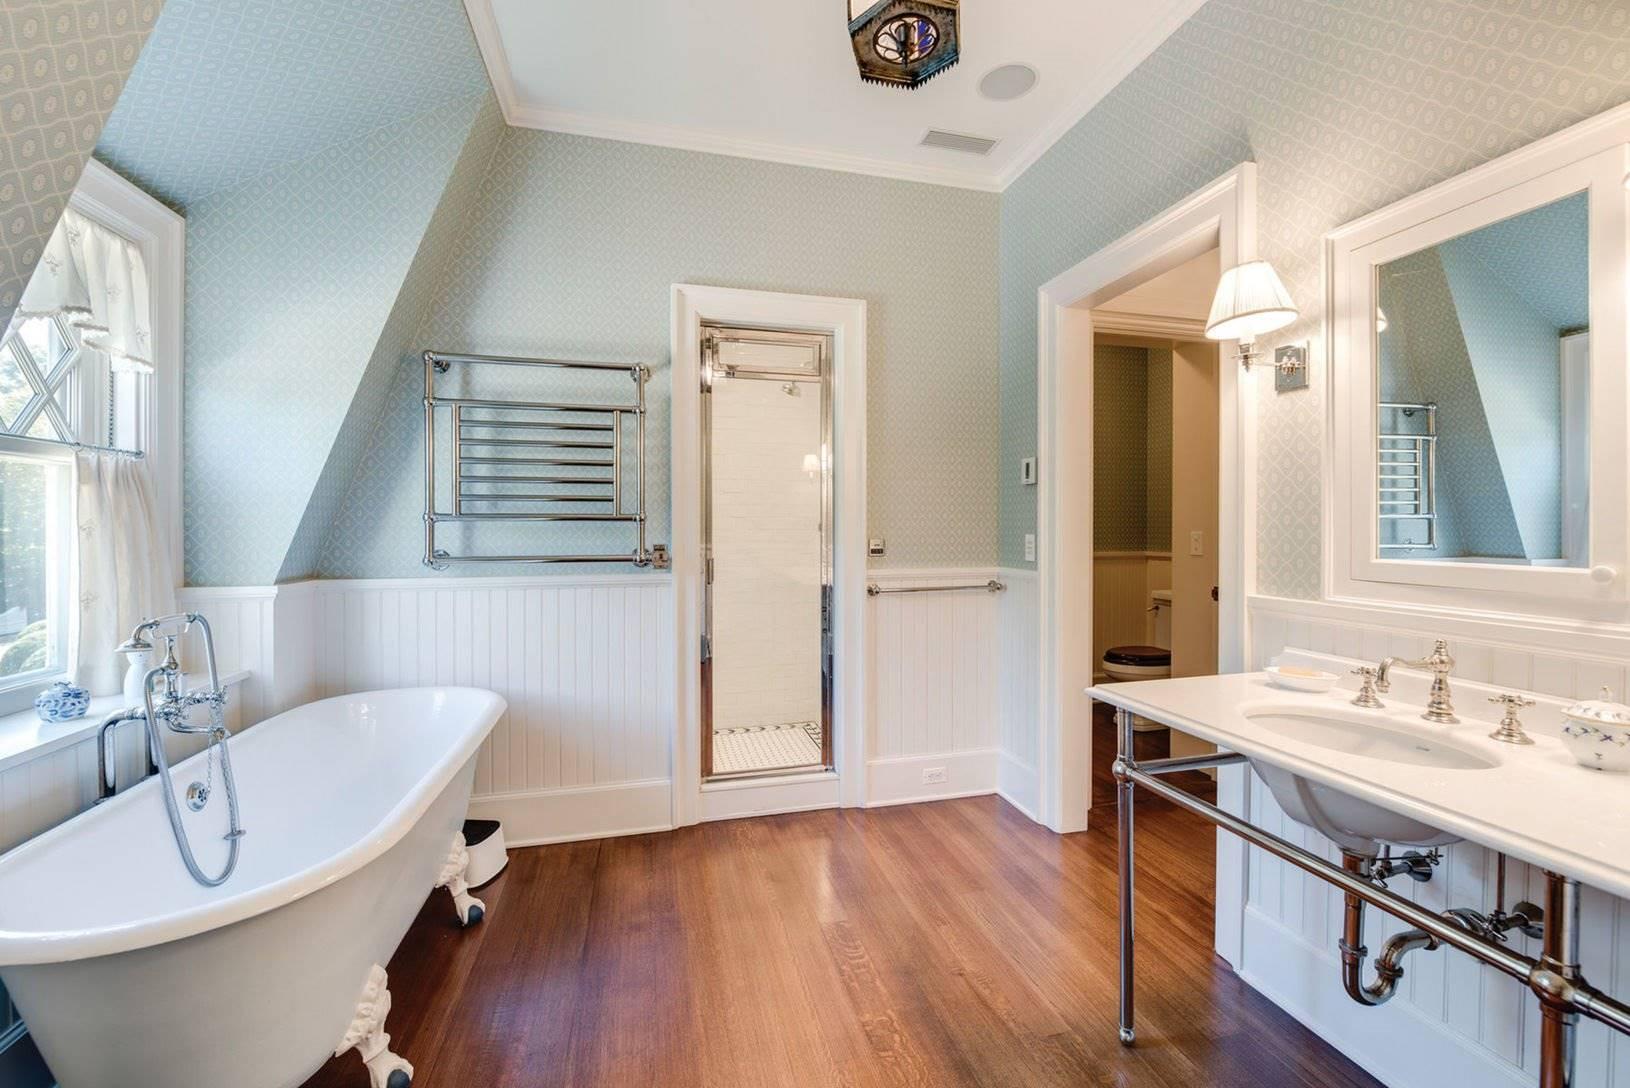 Baño de la casa de Chantal miller en los hamptons. Un gran baño con espacios separados